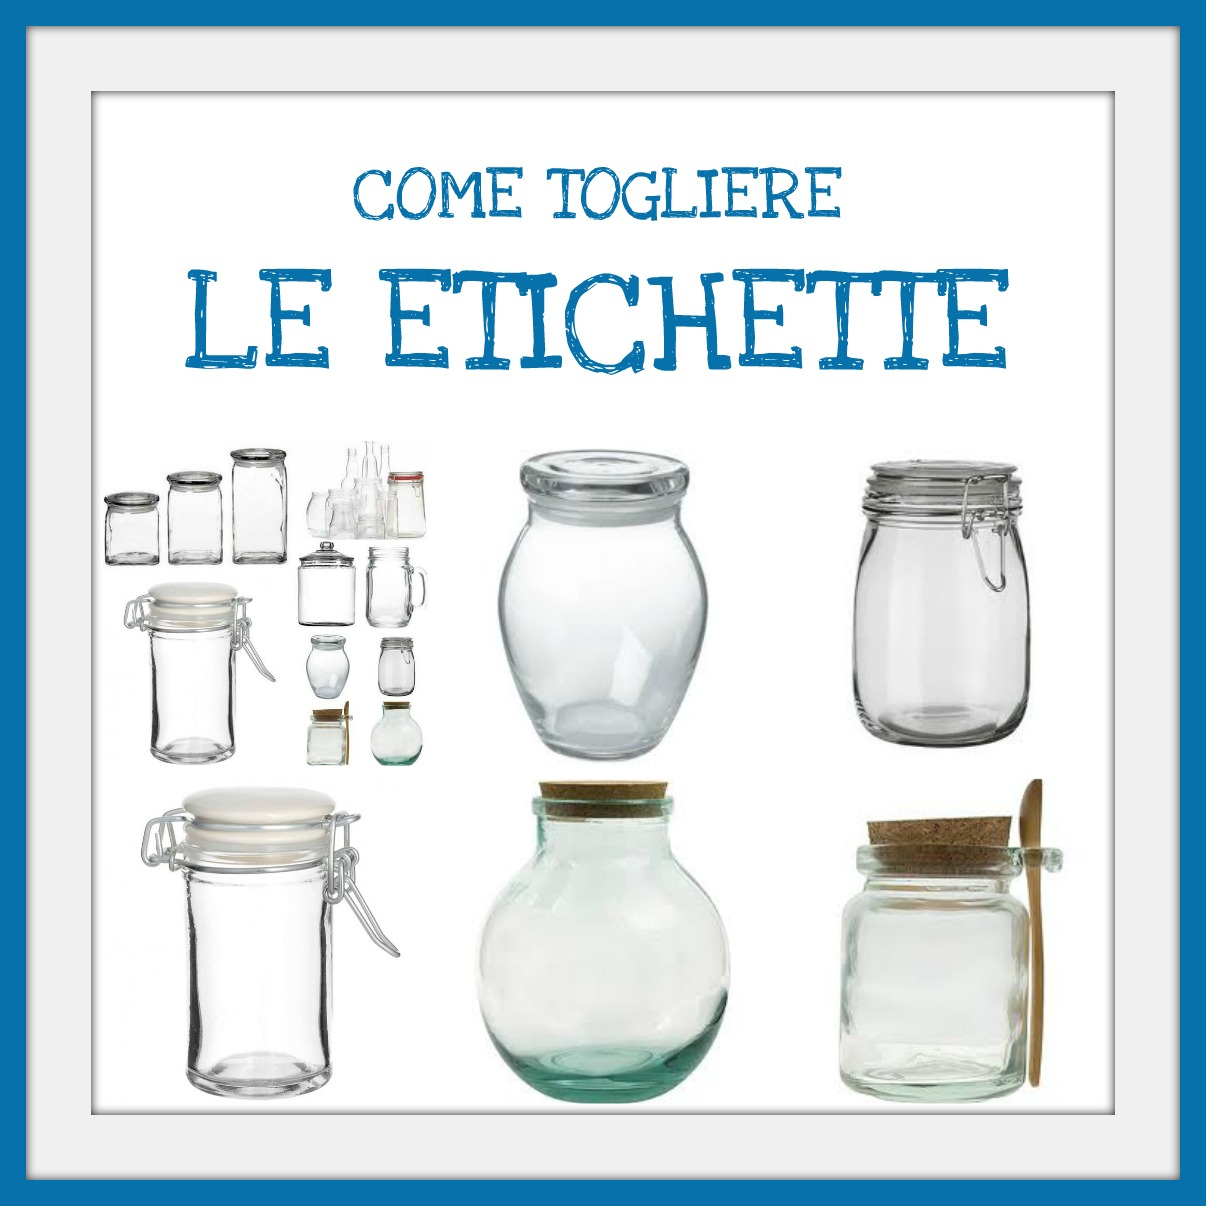 Bien connu Come togliere etichette da barattoli e bottiglie di vetro - BabyGreen ZS07